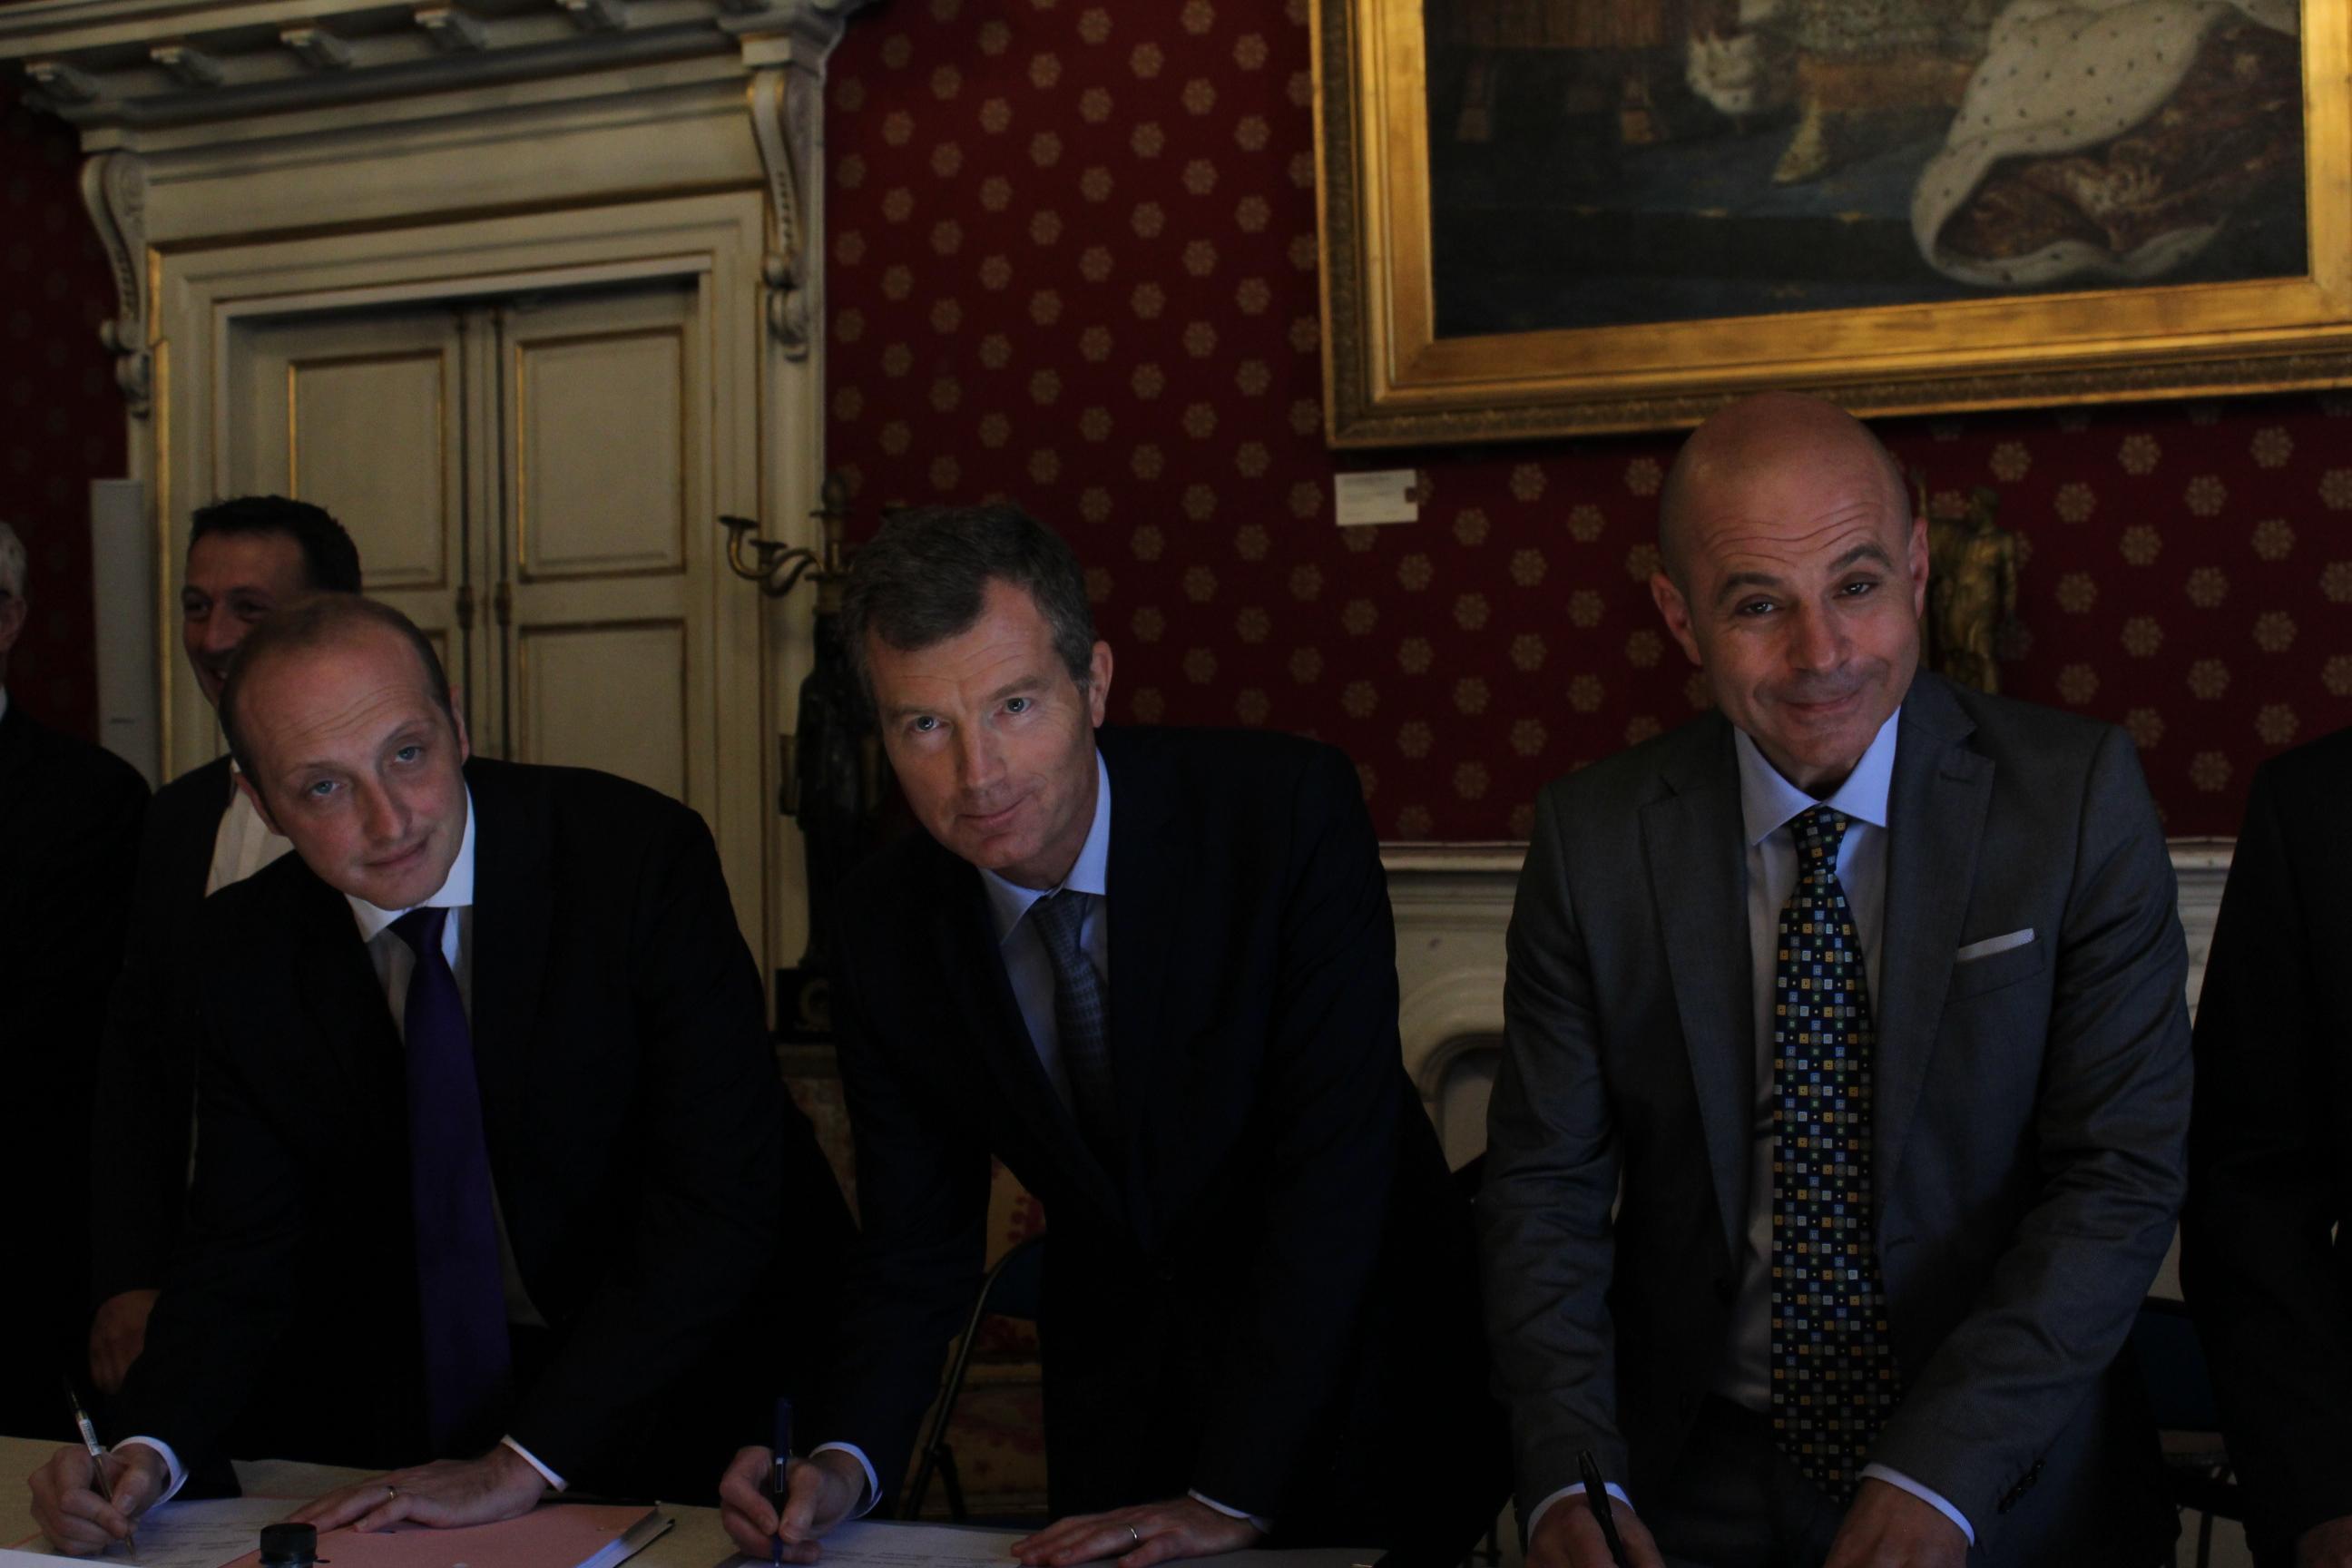 Laurent Marcangeli, député-maire d'Ajaccio, Christophe Mirmand, préfet de Corse et Jean-Jacques Ferrara, président de la Capa lors de la signature ce matin dans les salons napoléoniens de l'hôtel de Ville.